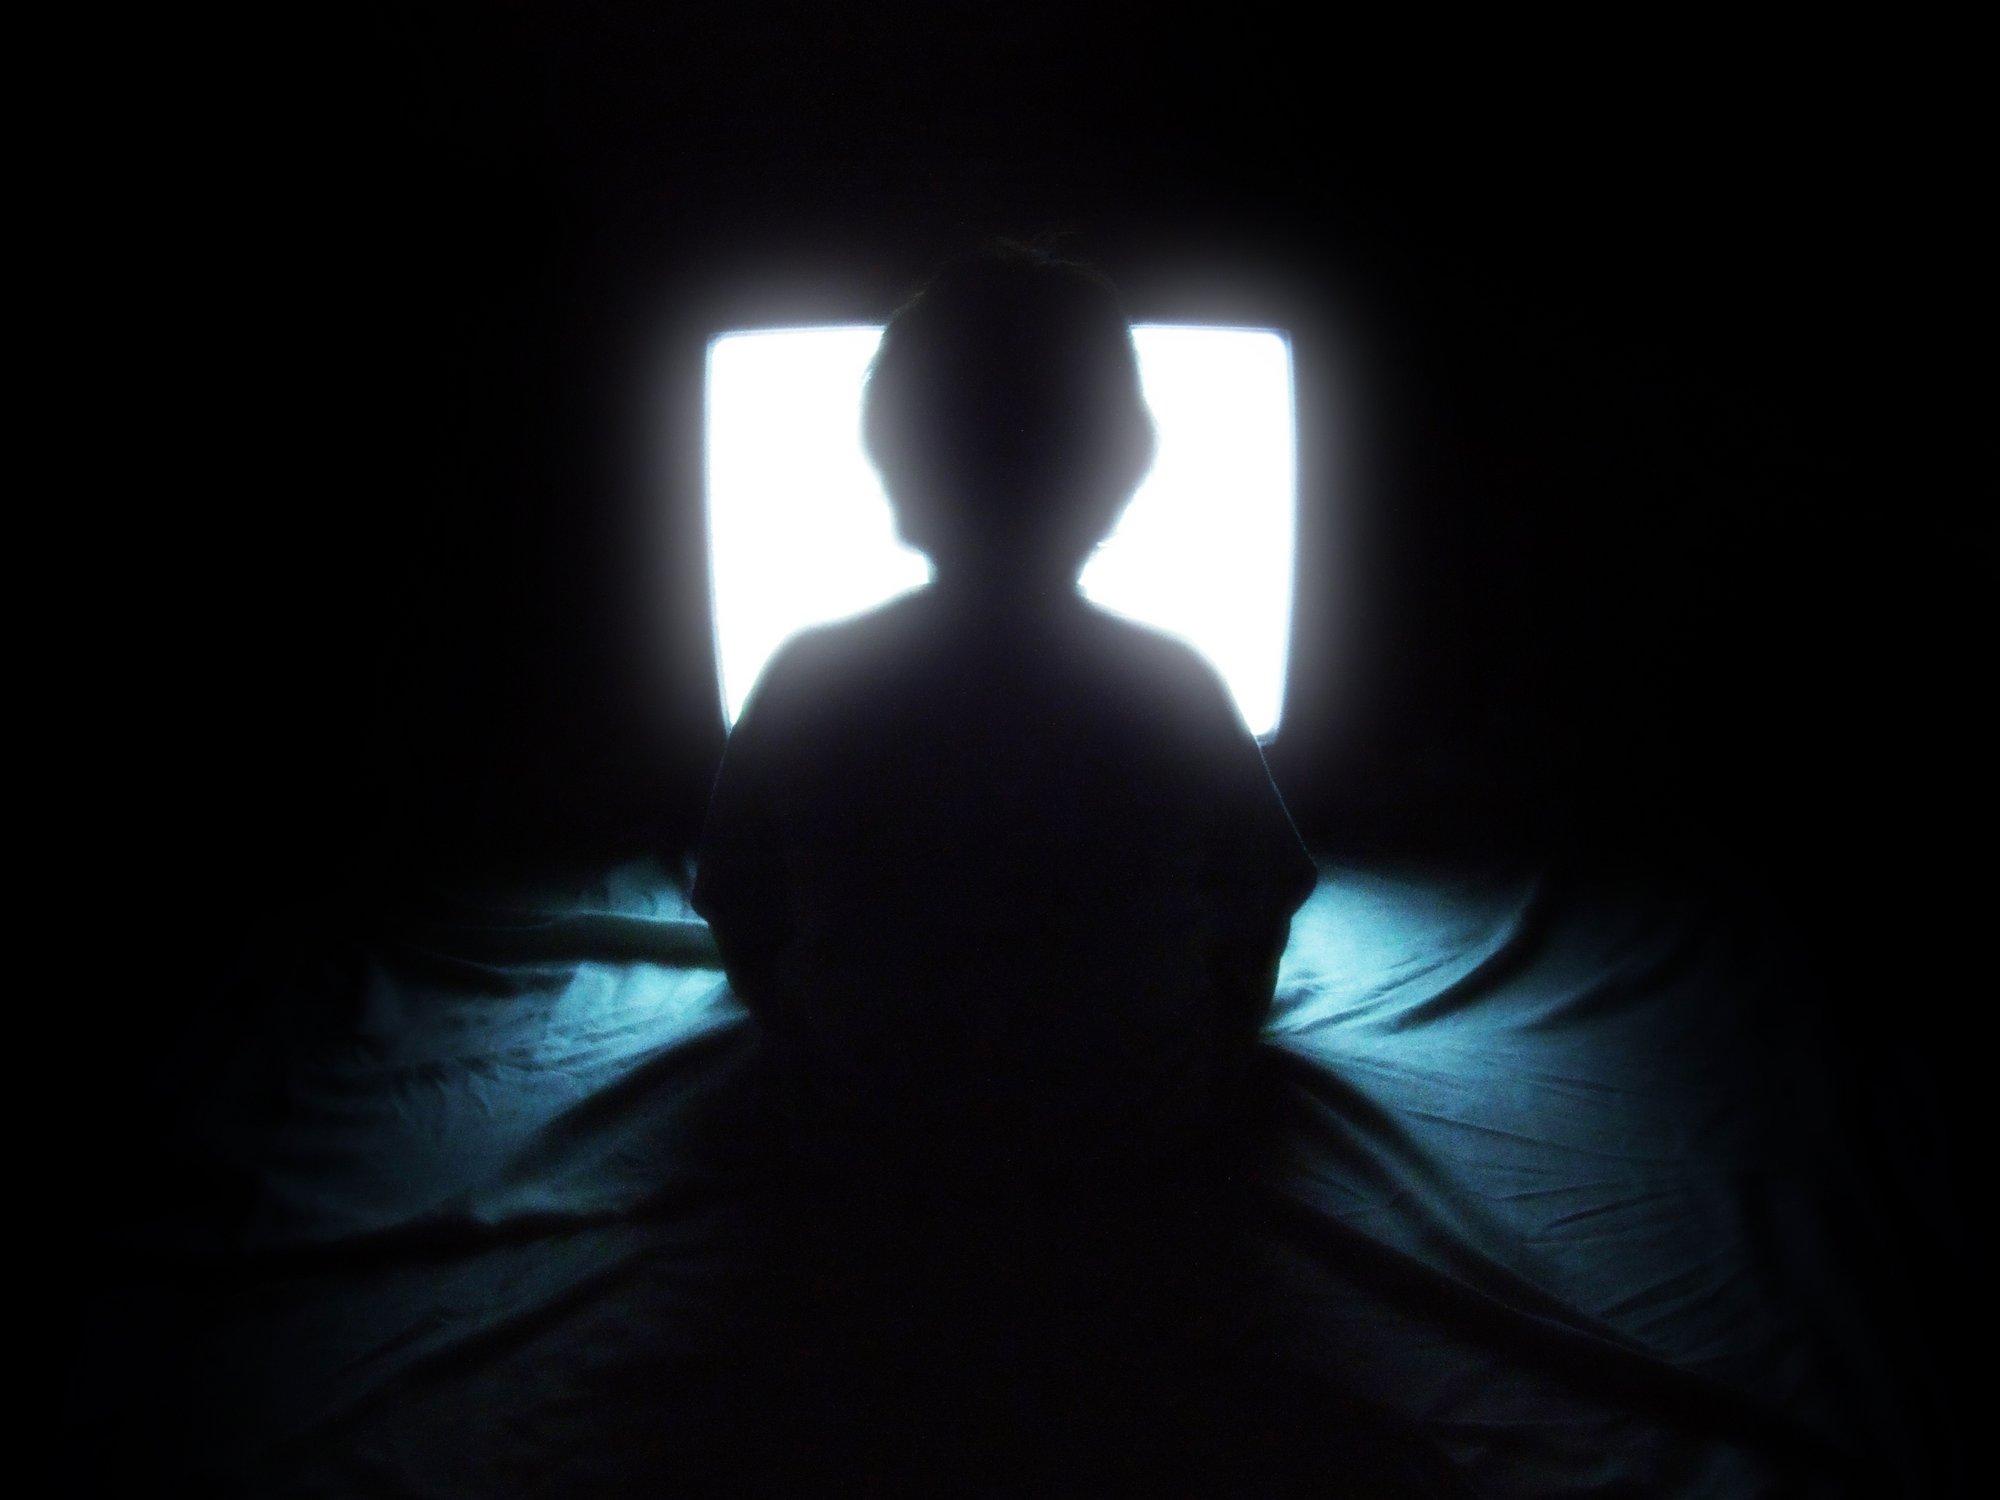 La televisión sigue siendo la reina frente al ordenador